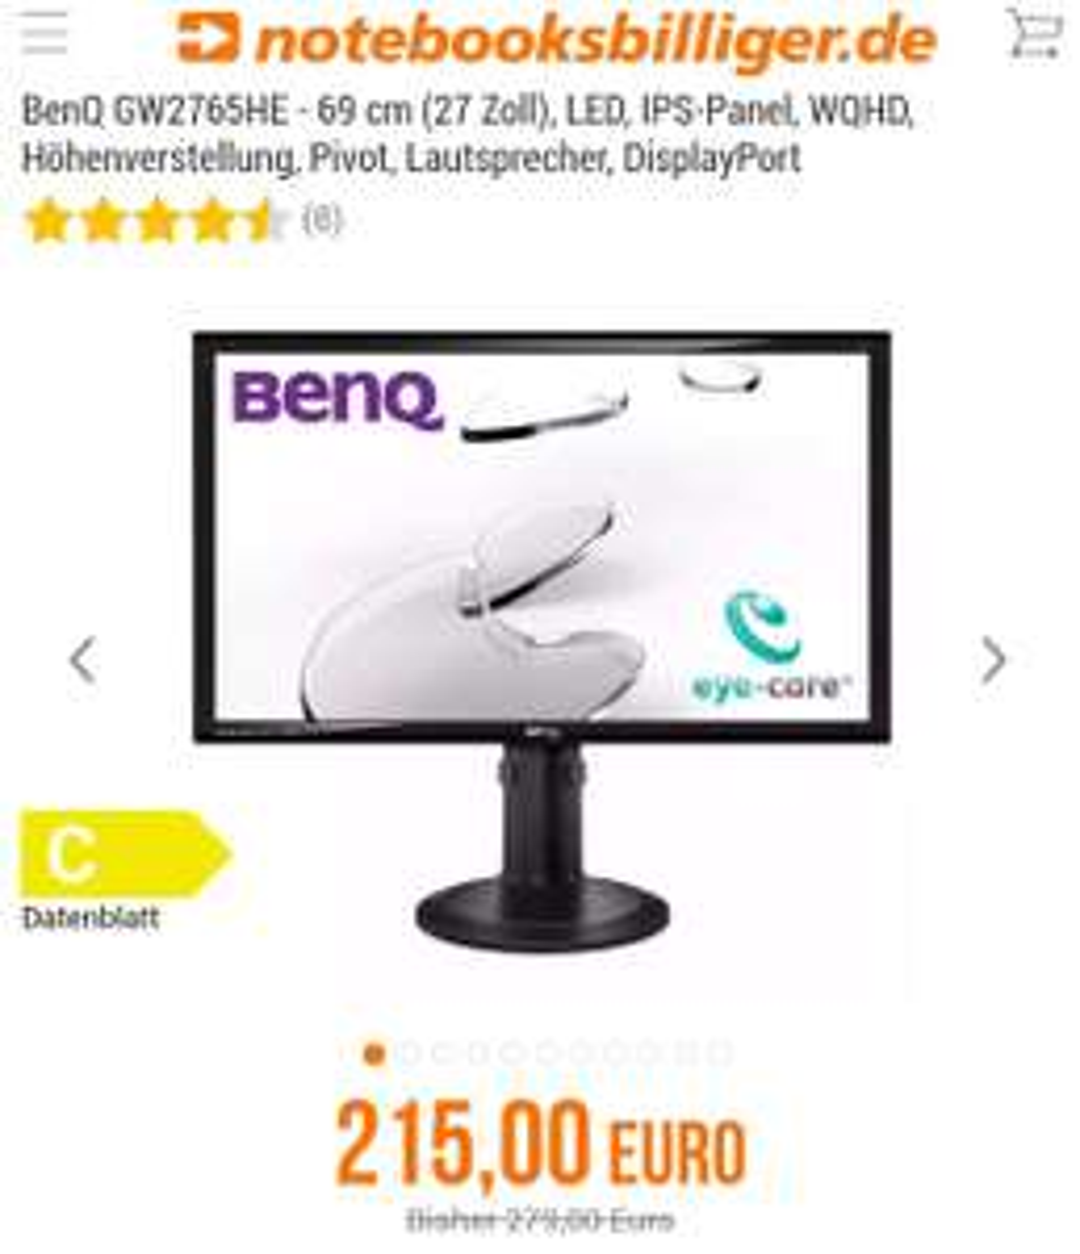 """BenQ GW2765HE 27"""" WQHD IPS Monitor bei NBB"""